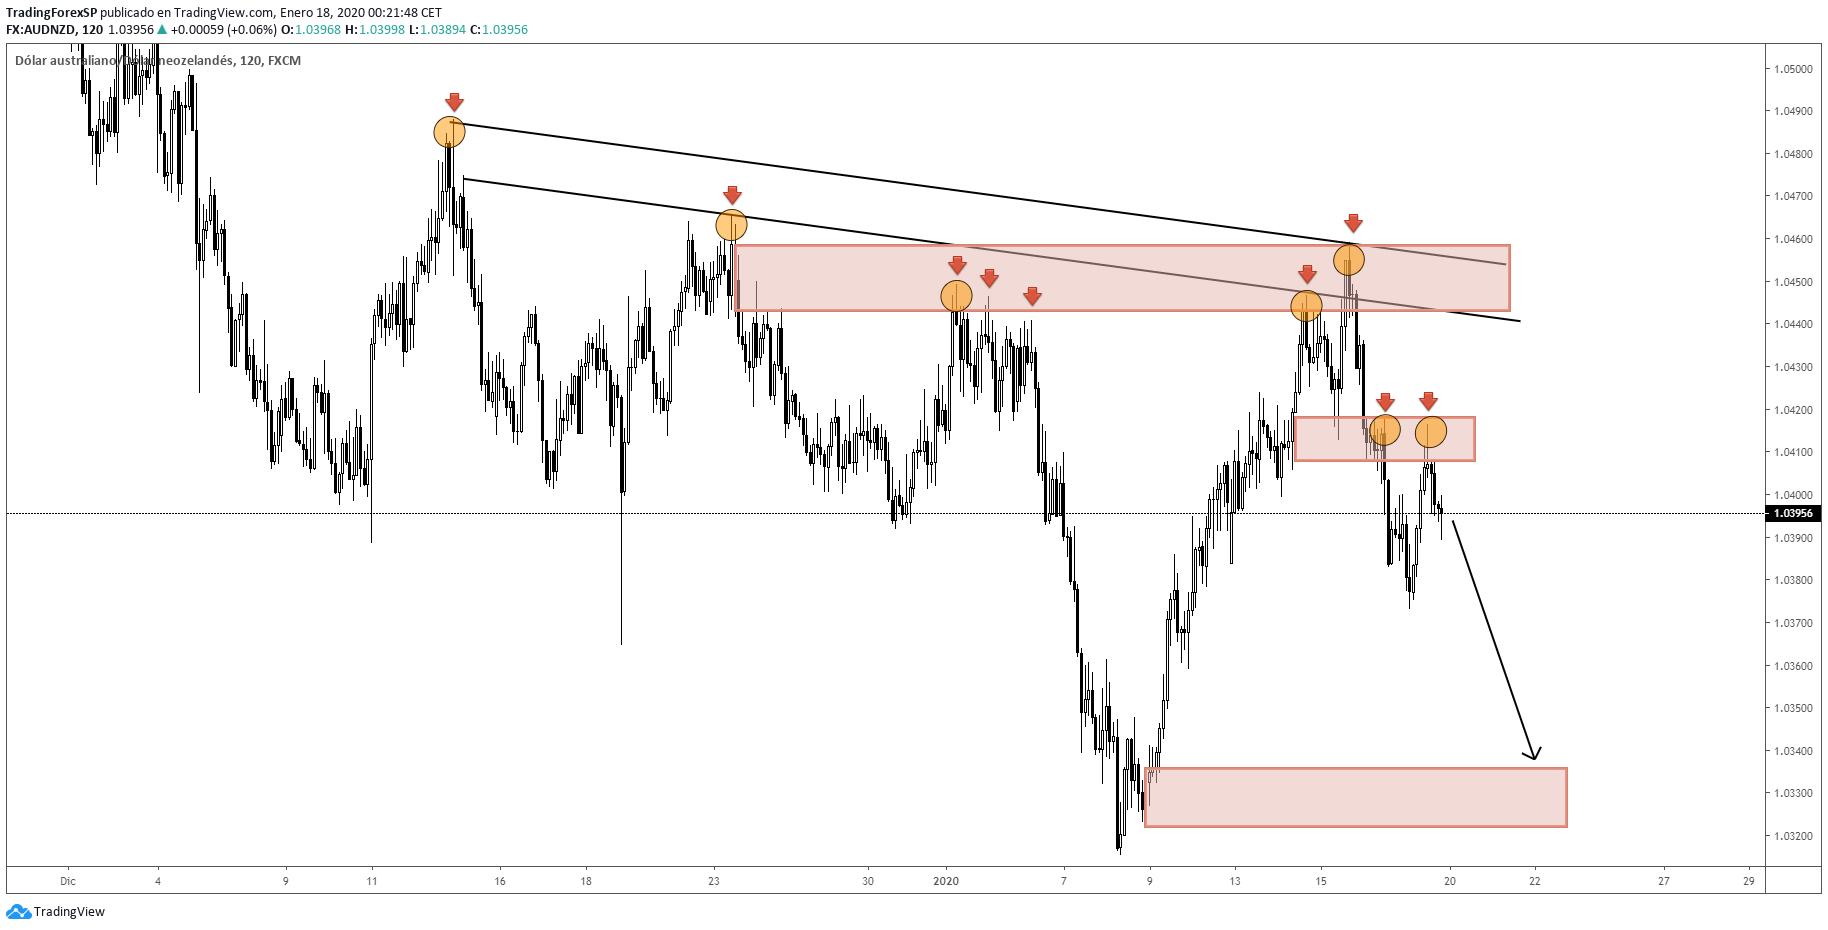 Combinación de líneas de tendencia, soportes y resistencias